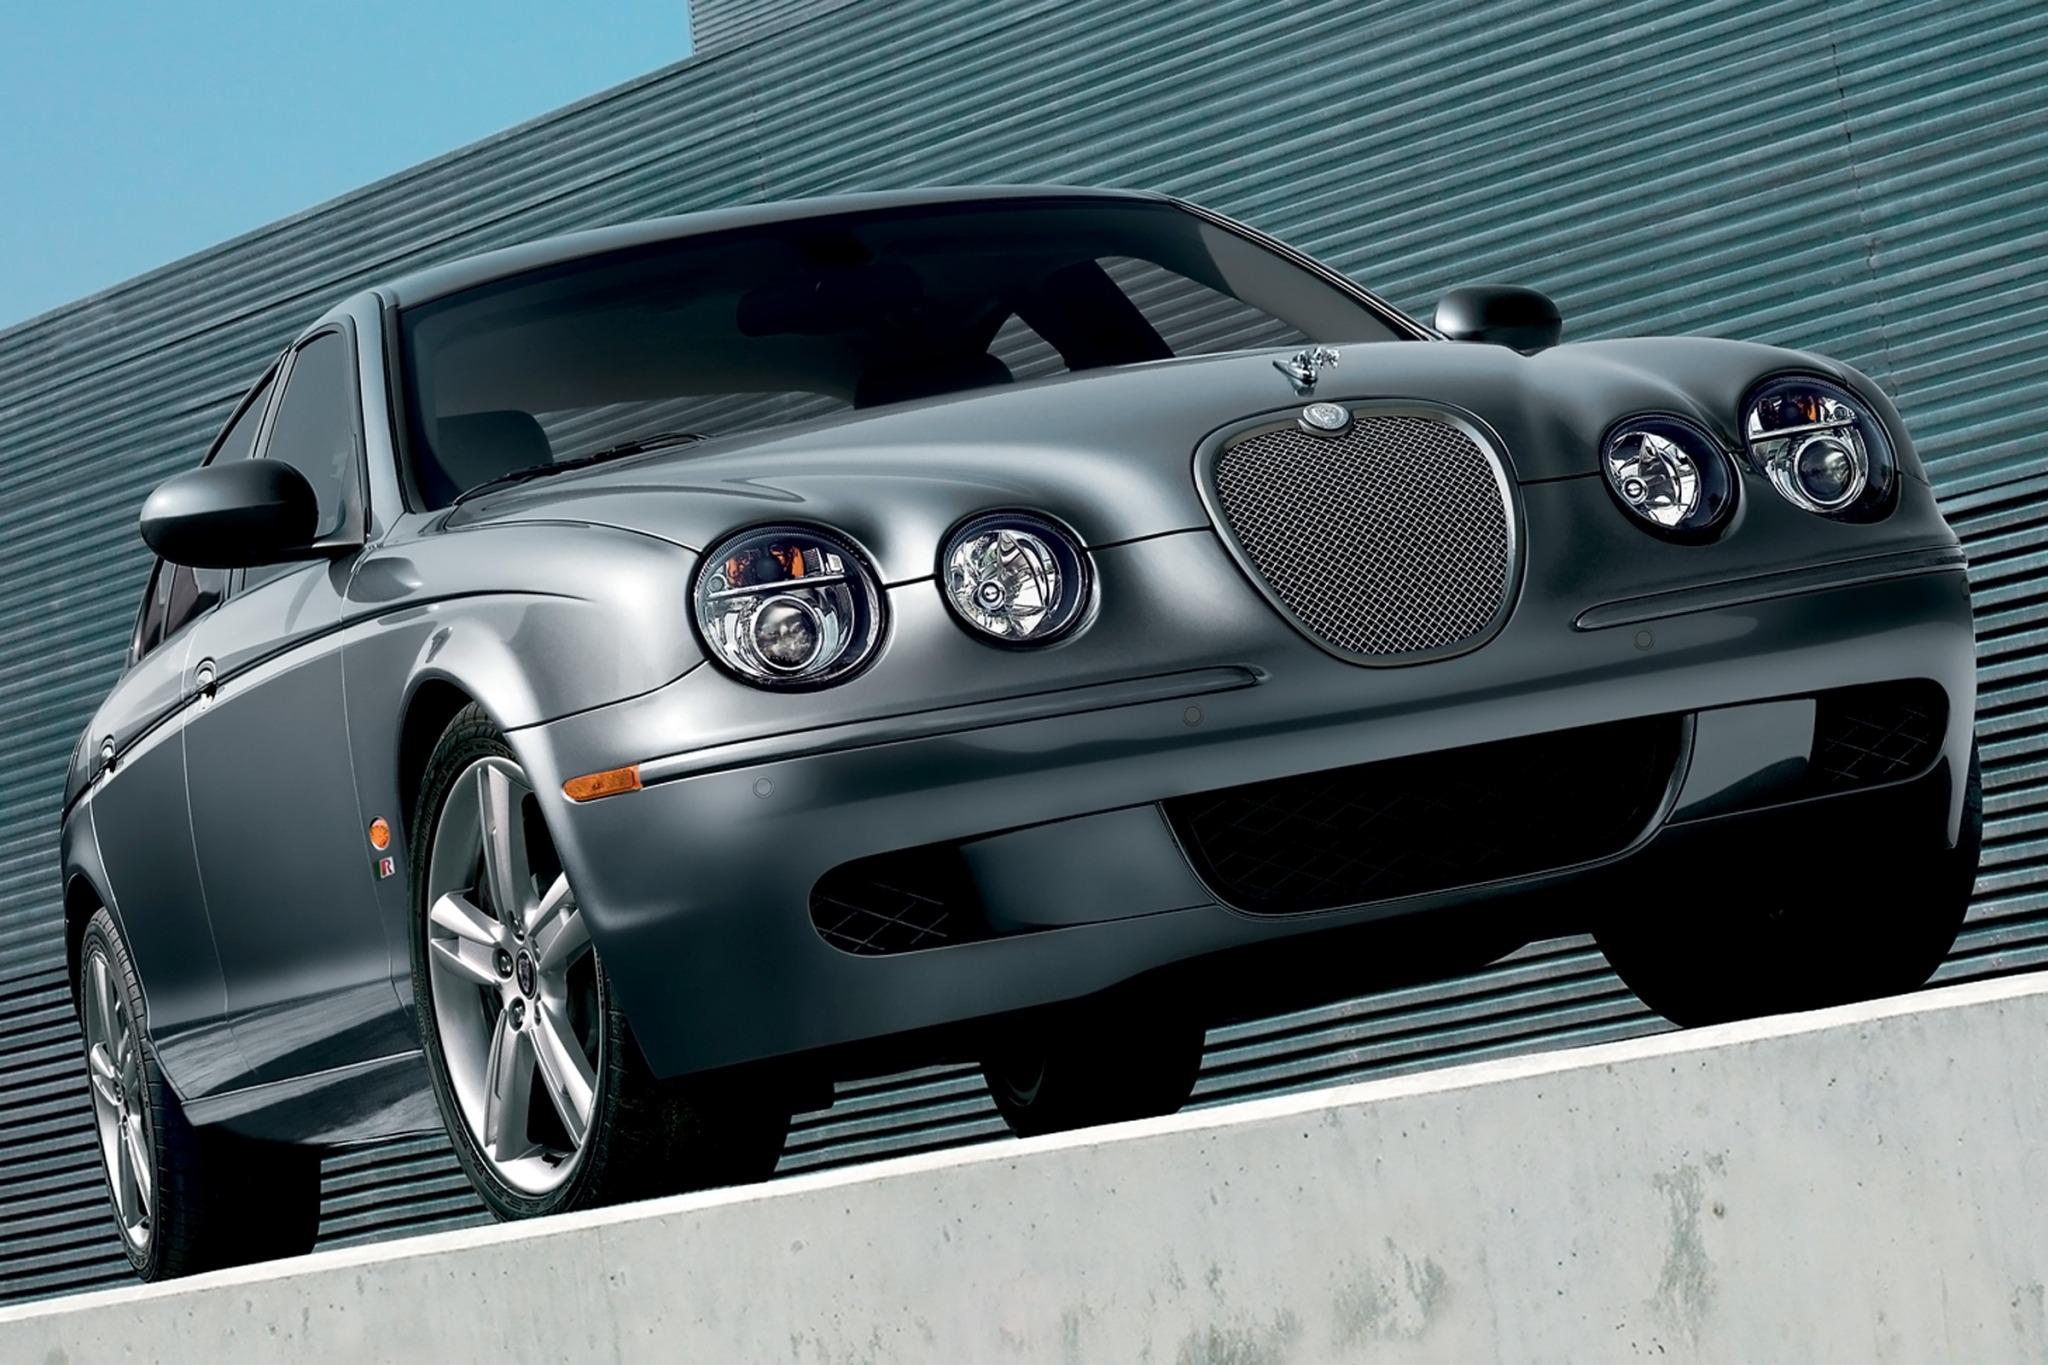 2007 jaguar s type sedan r fq oem 3 2048